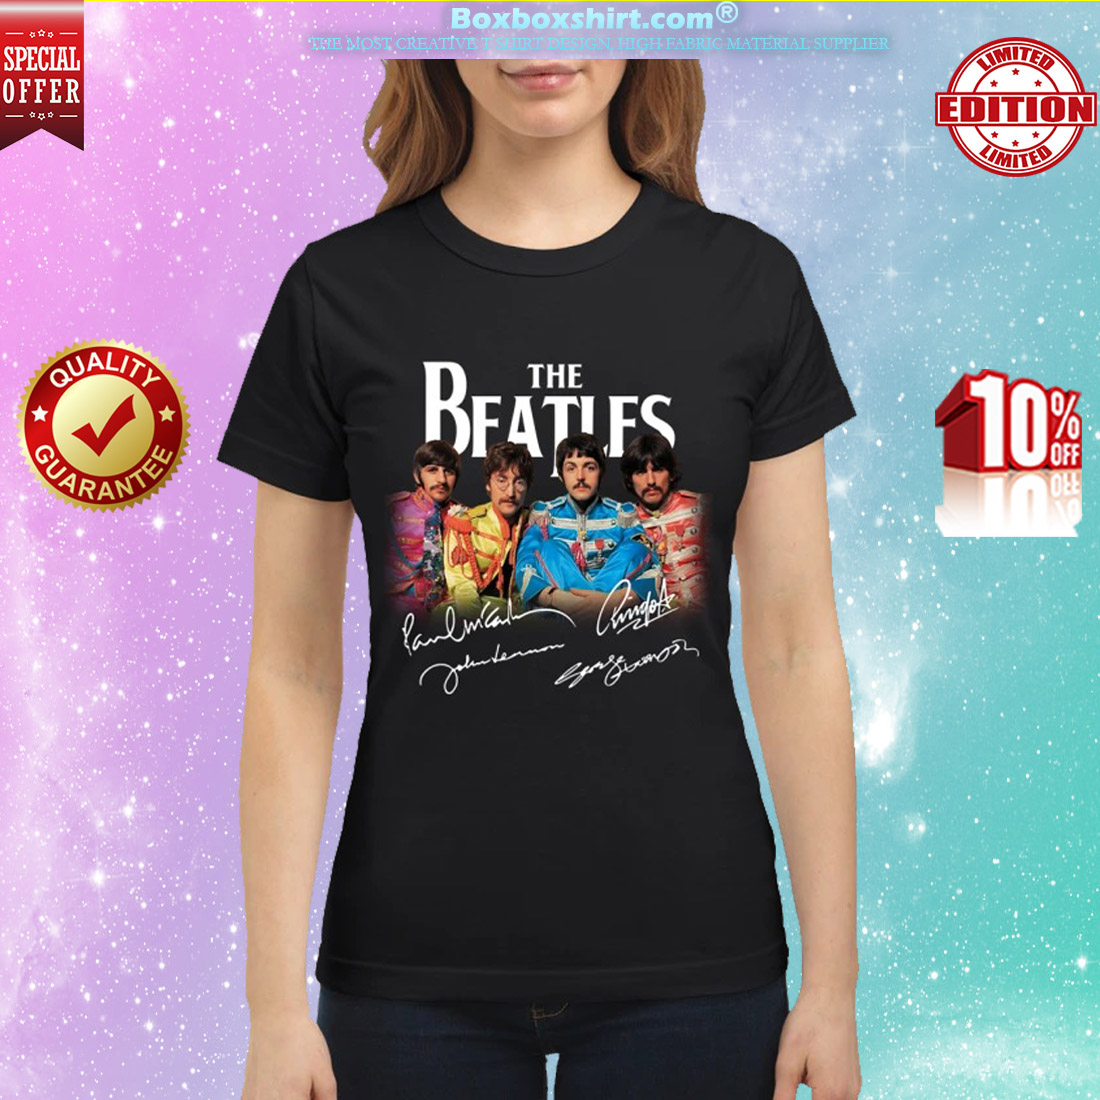 The beatles signatures shirt